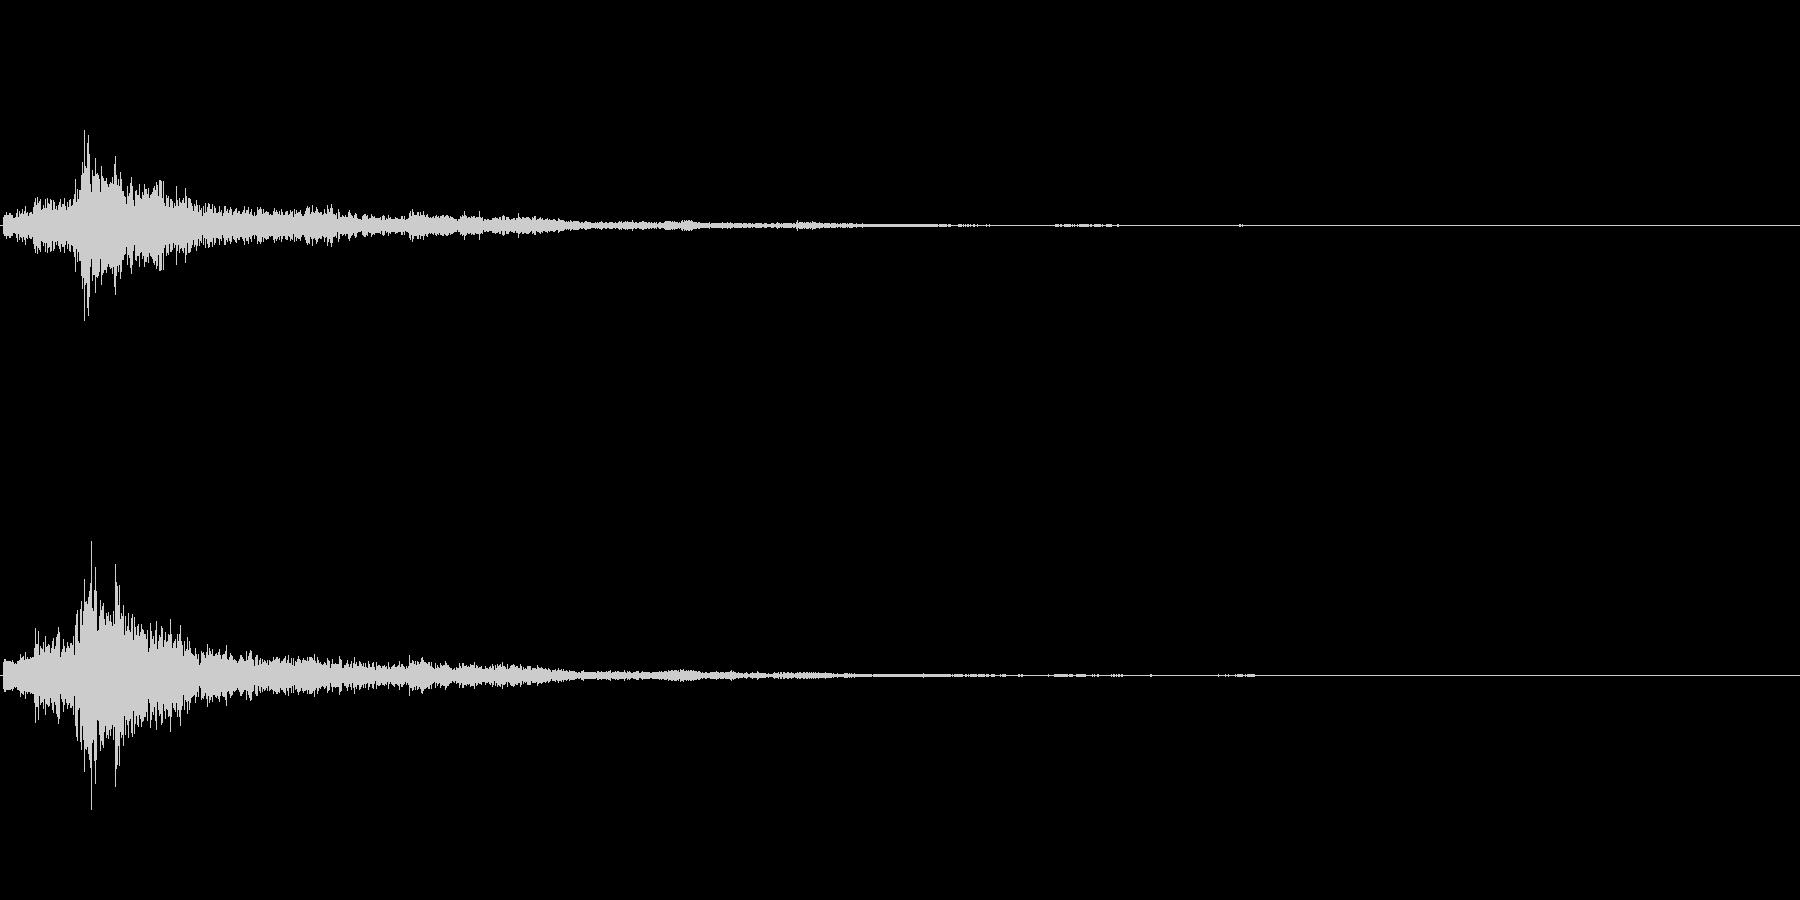 シャン(クリスマス・鈴の音)の未再生の波形